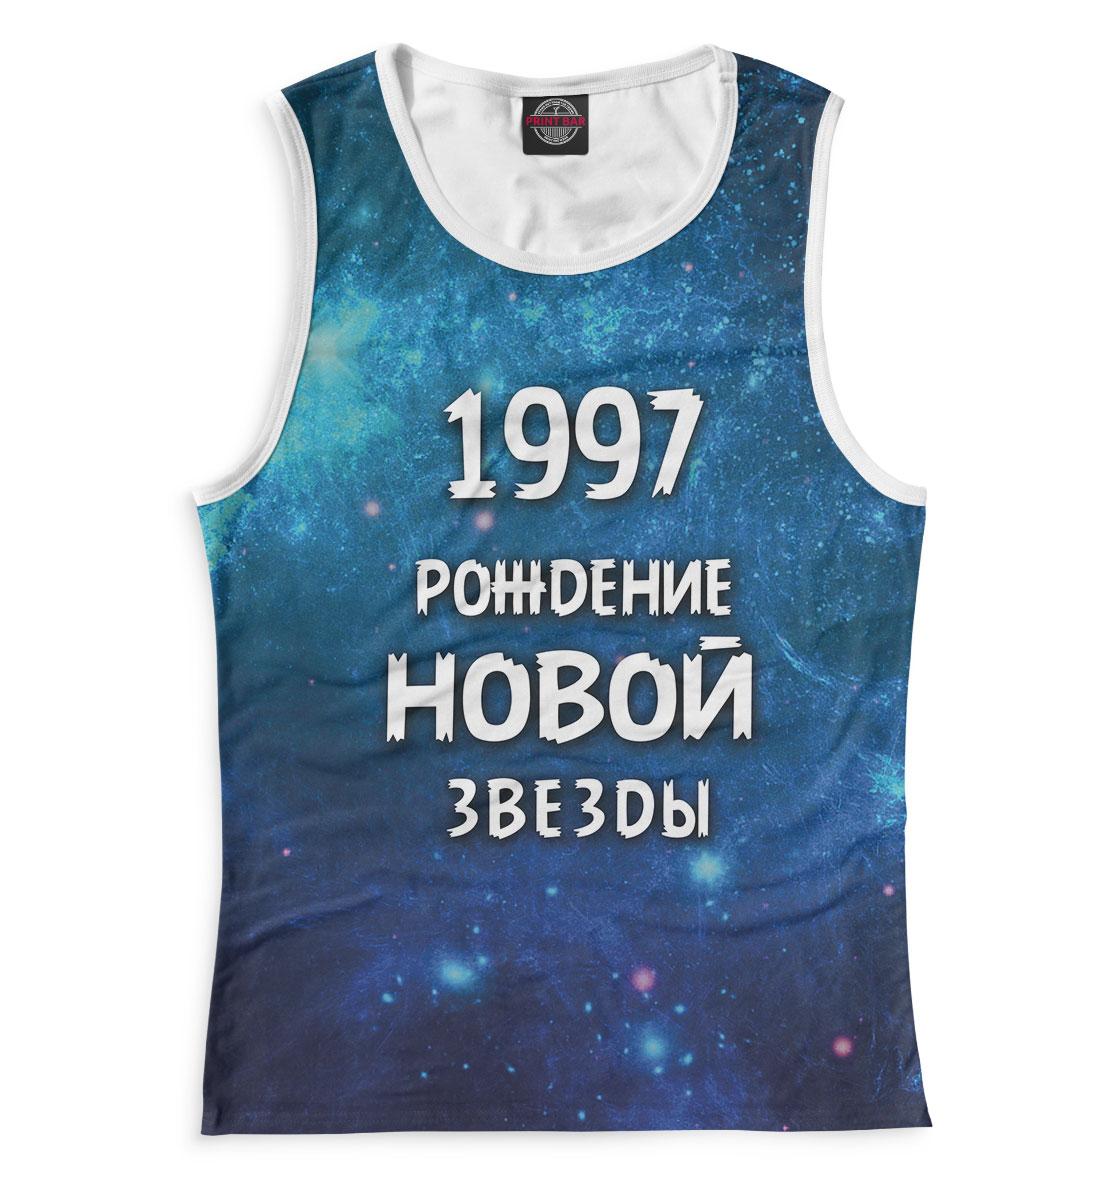 Купить 1997 — рождение новой звезды, Printbar, Майки, DDE-152496-may-1